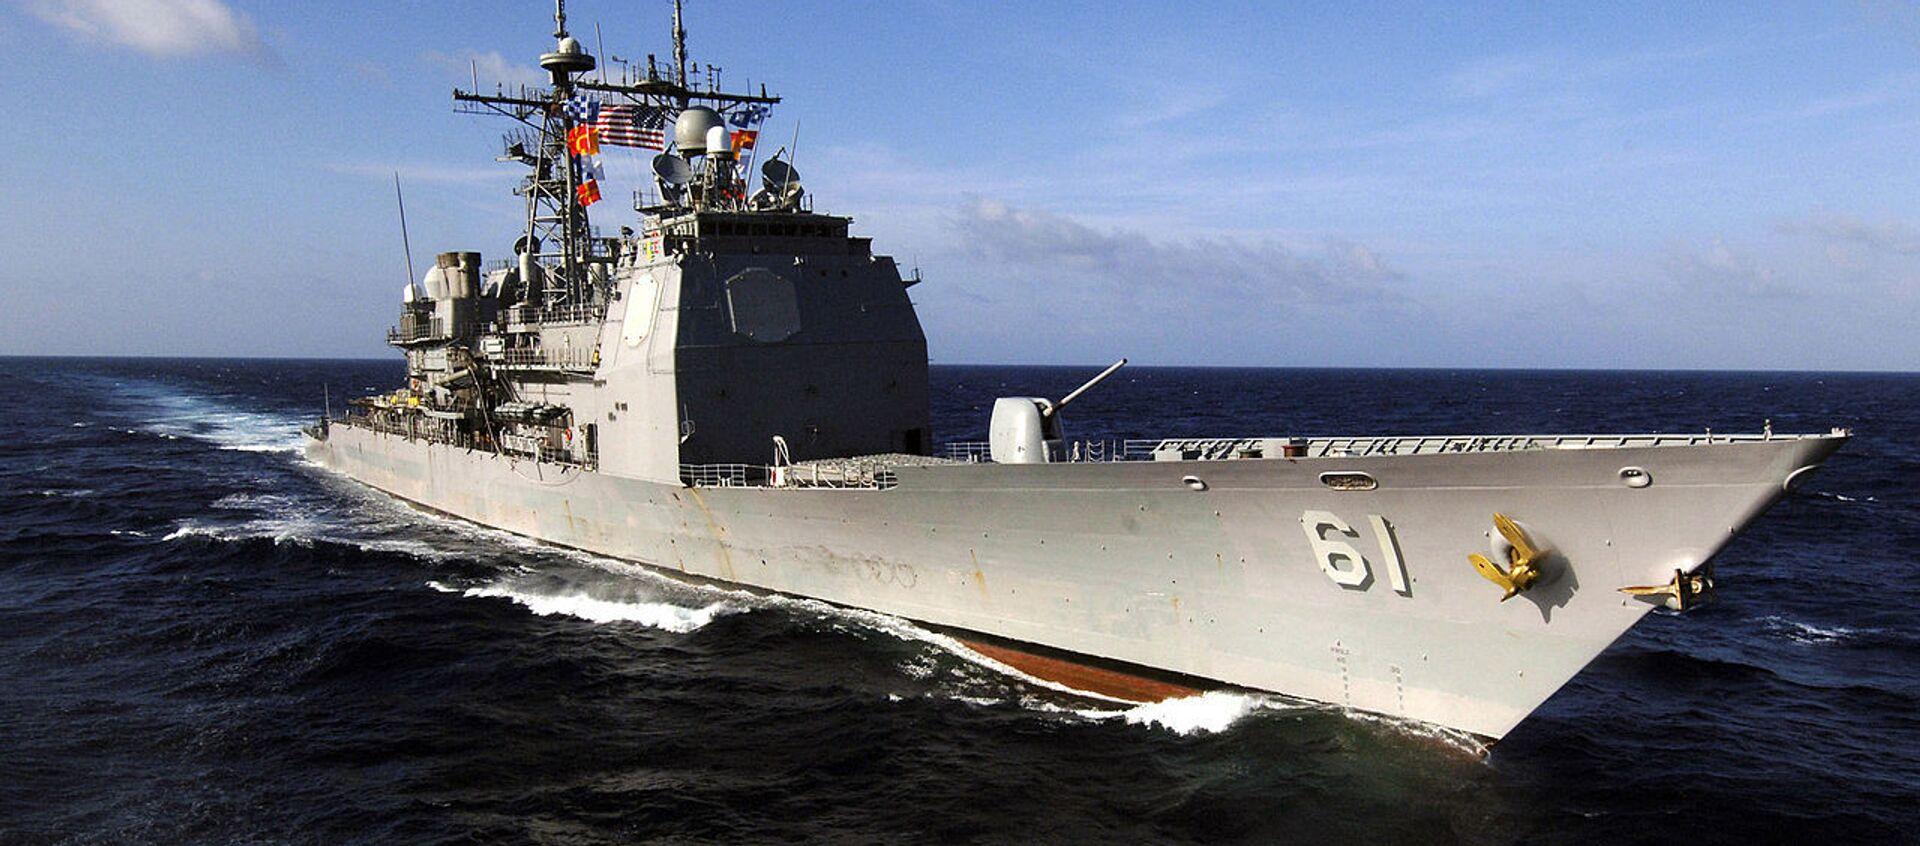 Tuần dương hạm mang tên lửa dẫn đường lớp Ticonderoga USS Monterey (CG 61) tiến hành các cuộc diễn tập thường lệ ở Biển Caribe - Sputnik Việt Nam, 1920, 21.04.2021